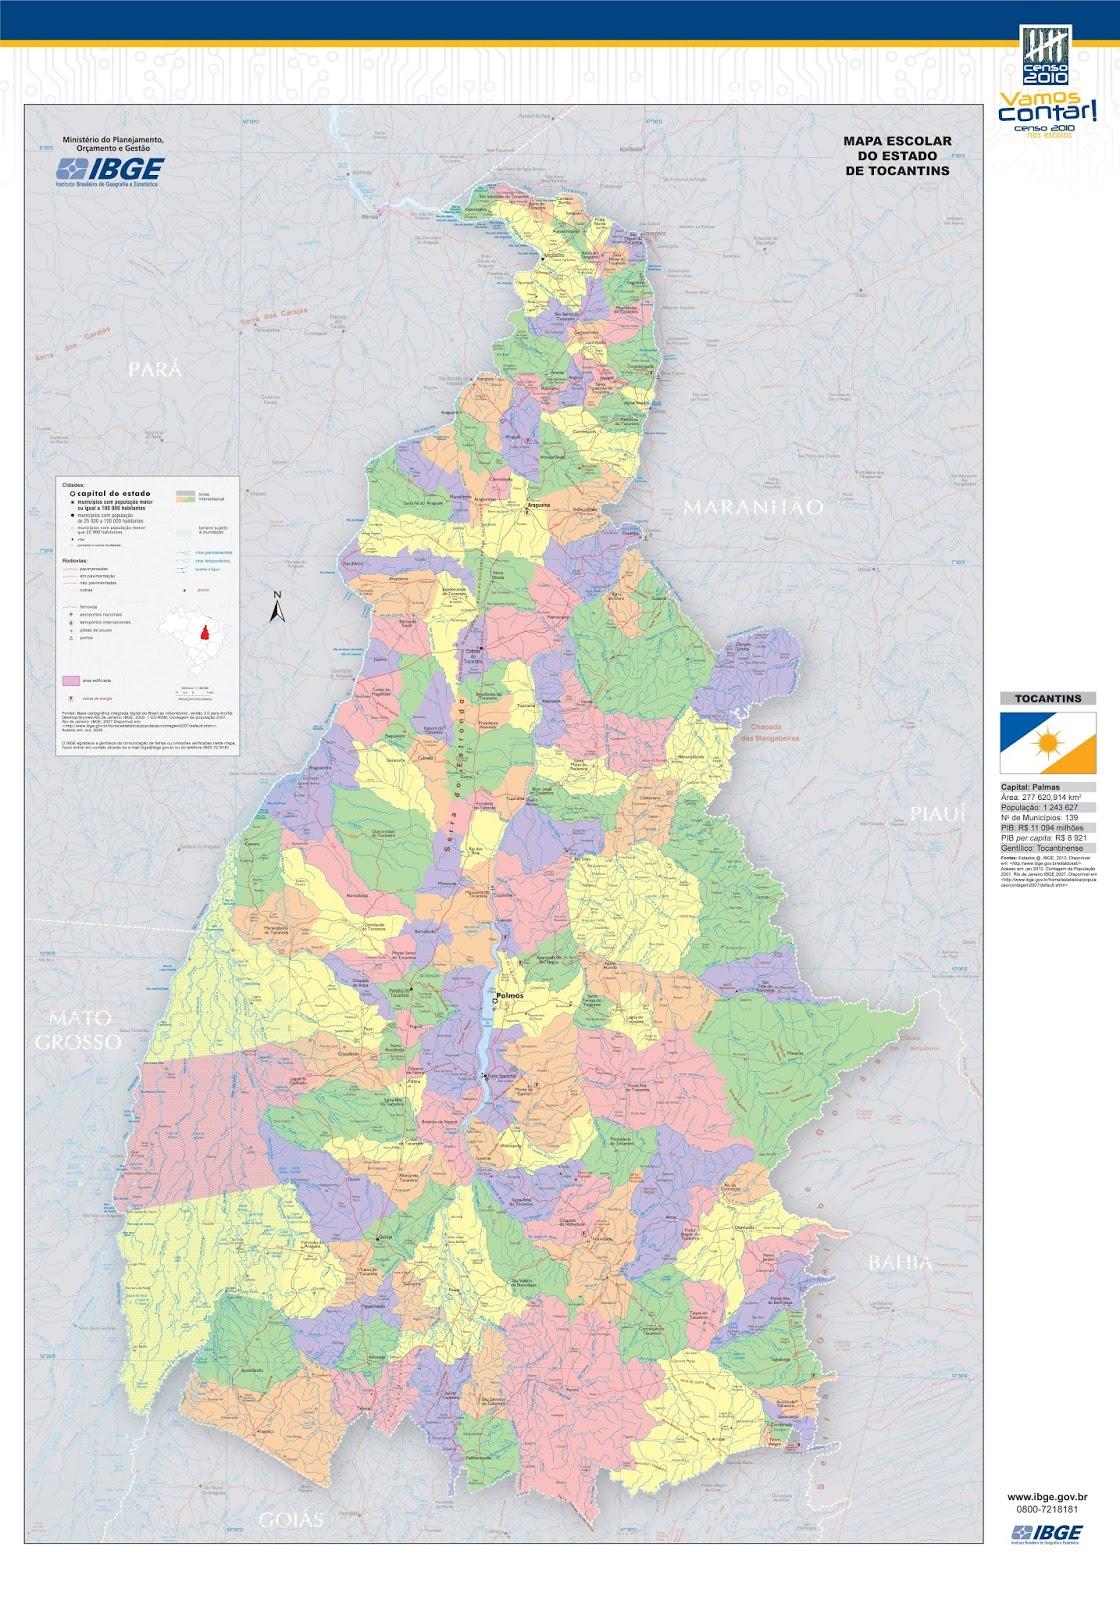 Tocantins | Mapas Geográficos de Tocantins